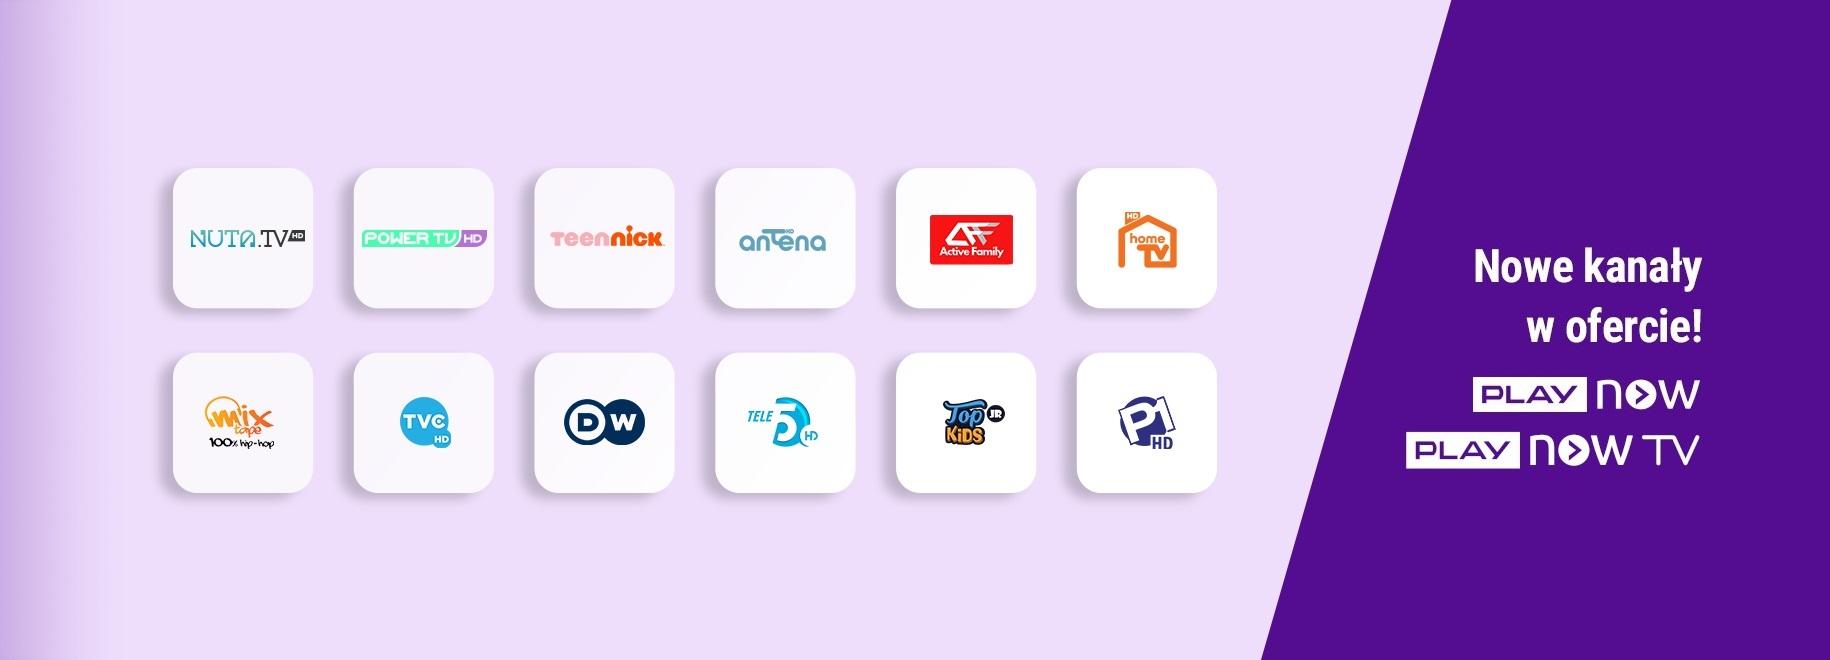 PLAY NOW TV nowe kanały programy lista